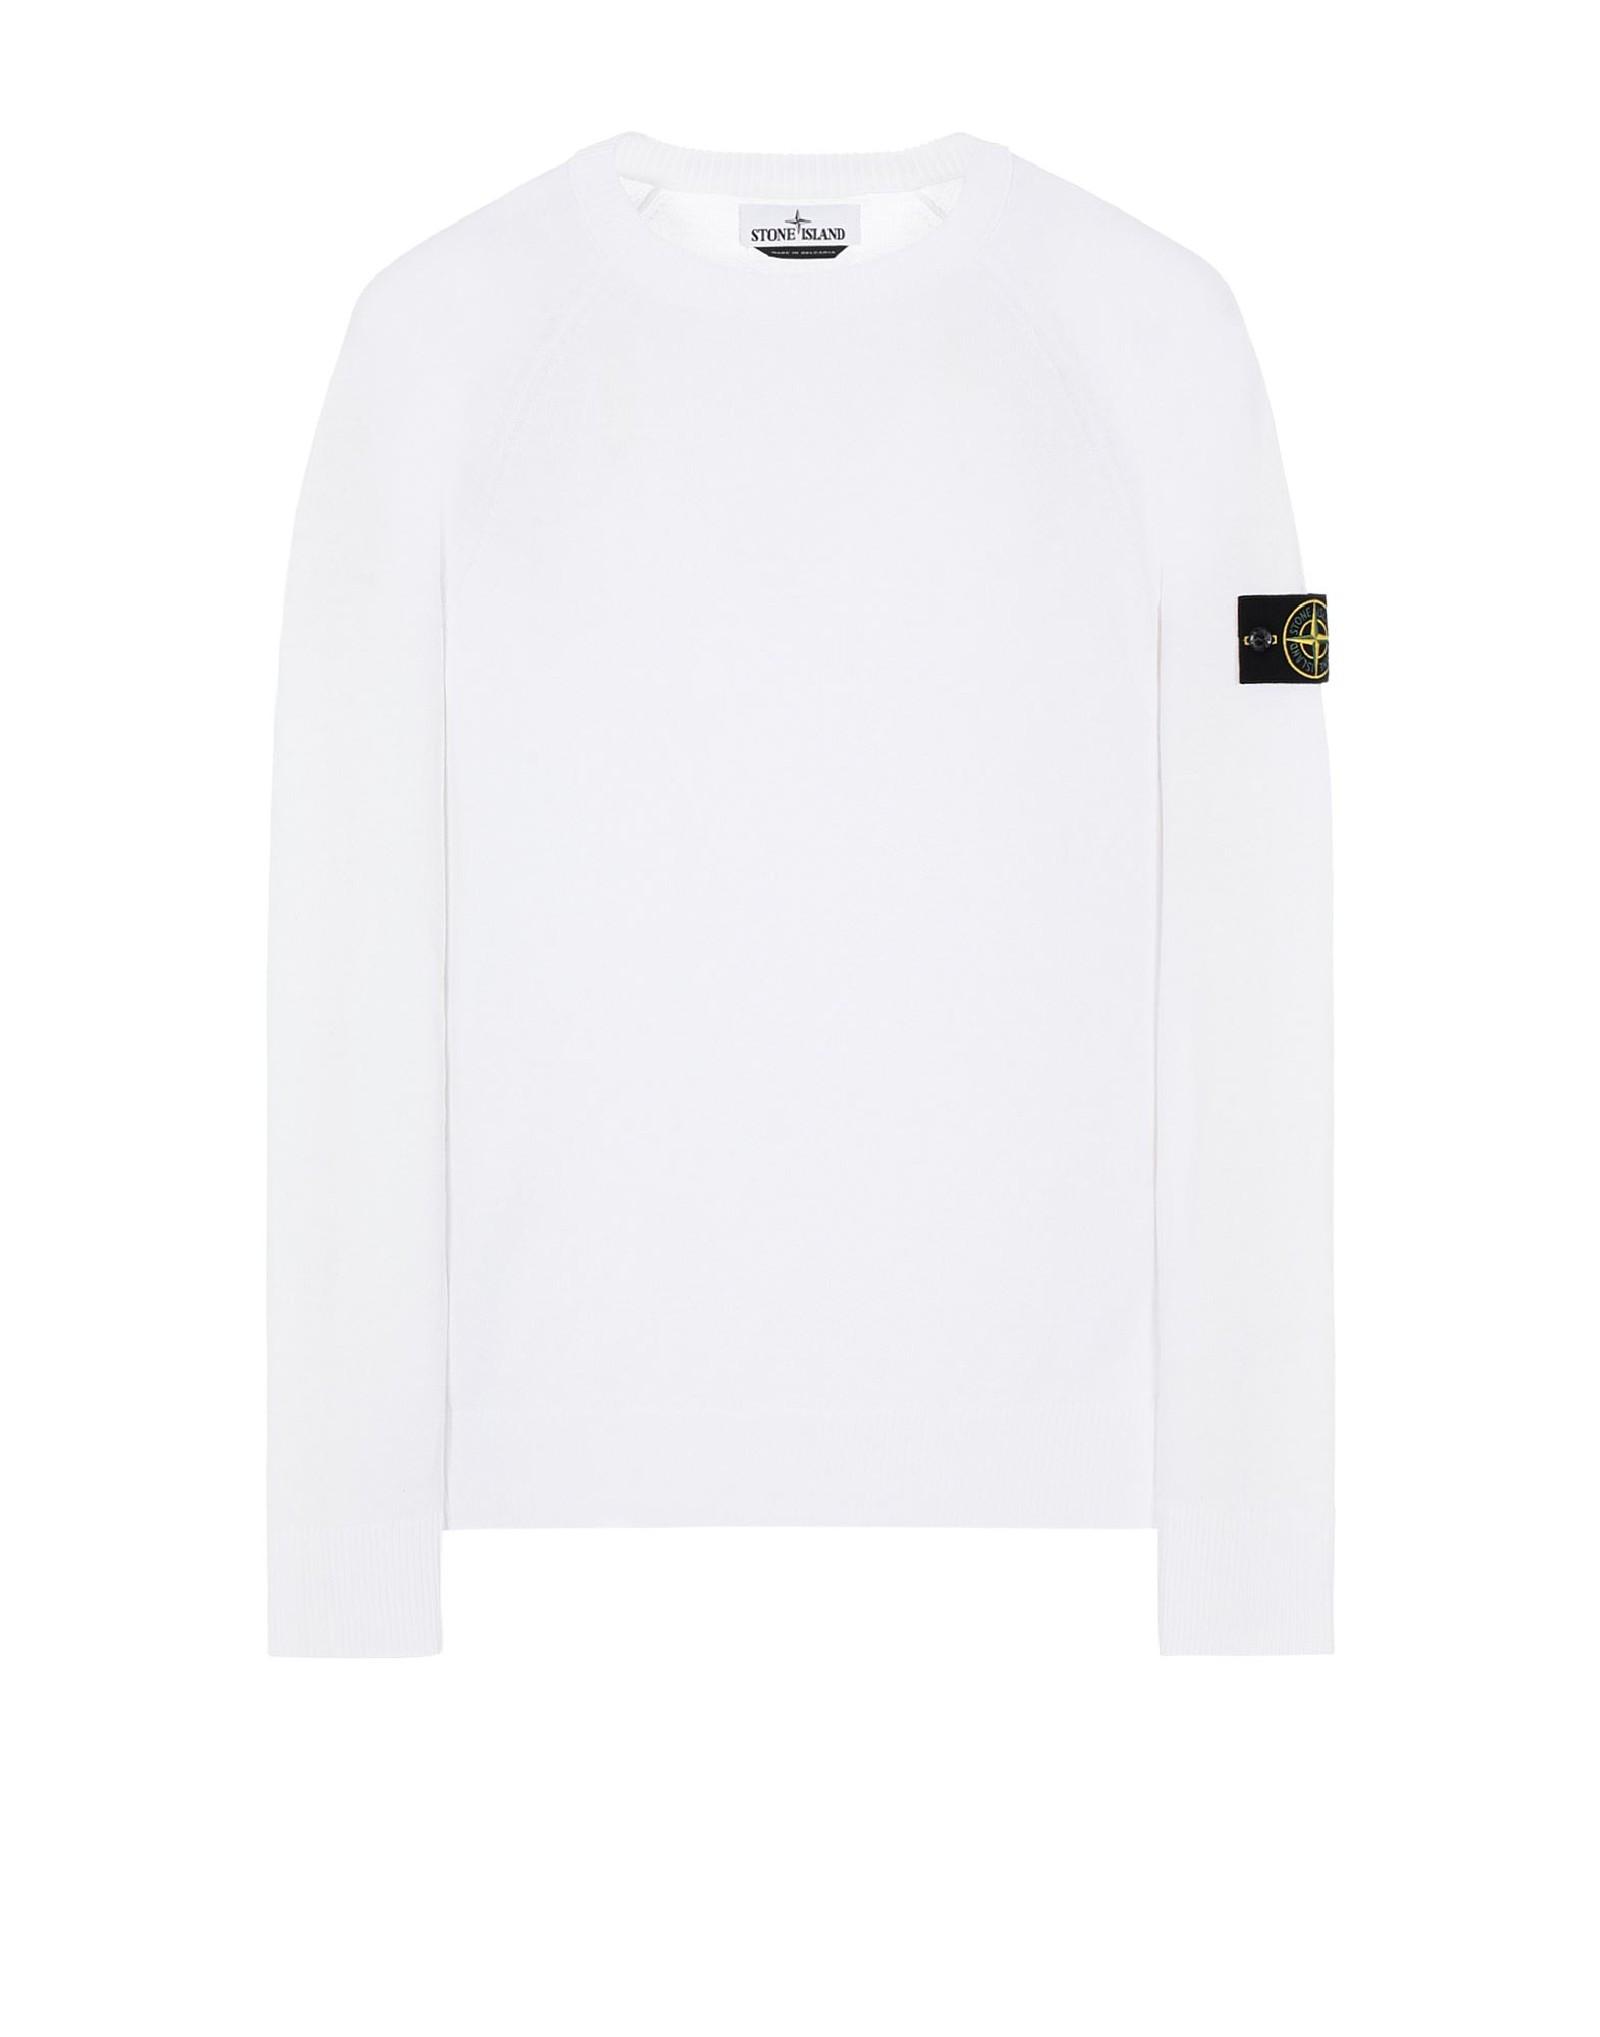 STONE ISLAND | T-shirt | MO7415511B9V0001